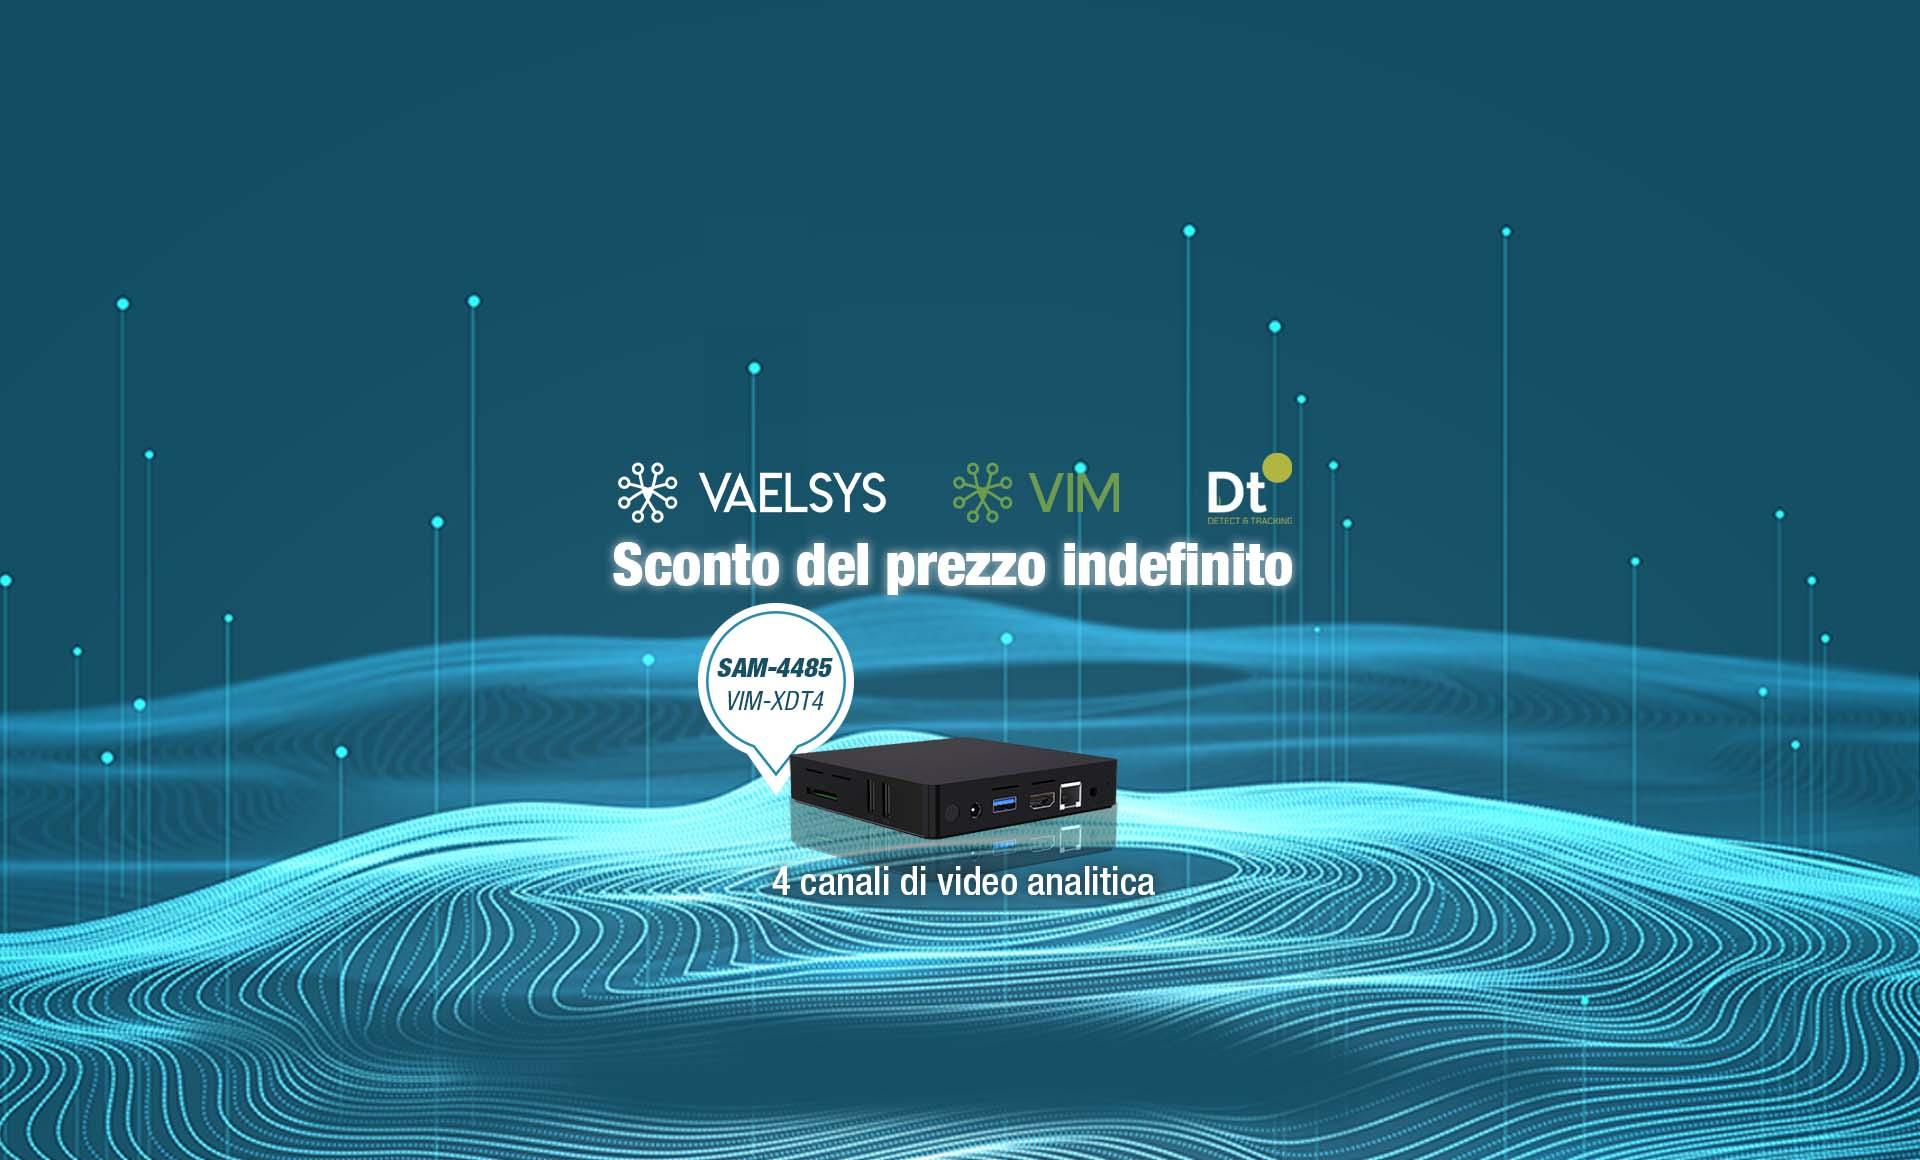 <b>Sconto del 25% sul prezzo dell'analitica di video VIM-XDT4 VAELSYS</b>